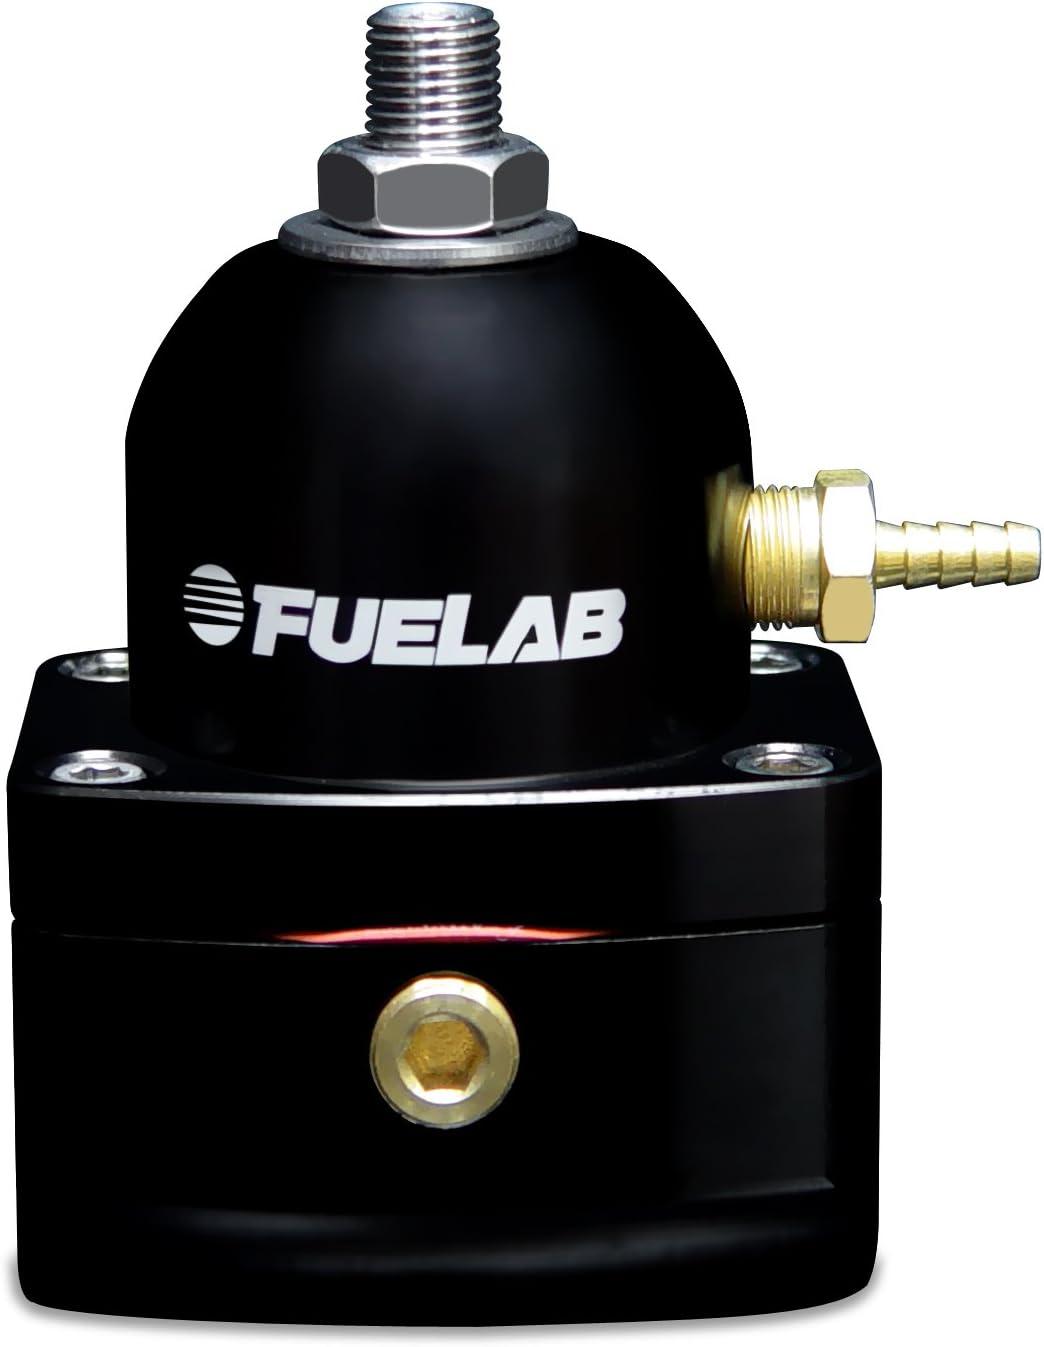 Fuelab cheap 51503-1 Universal Black Fuel Carbureted Very popular Pressu Adjustable